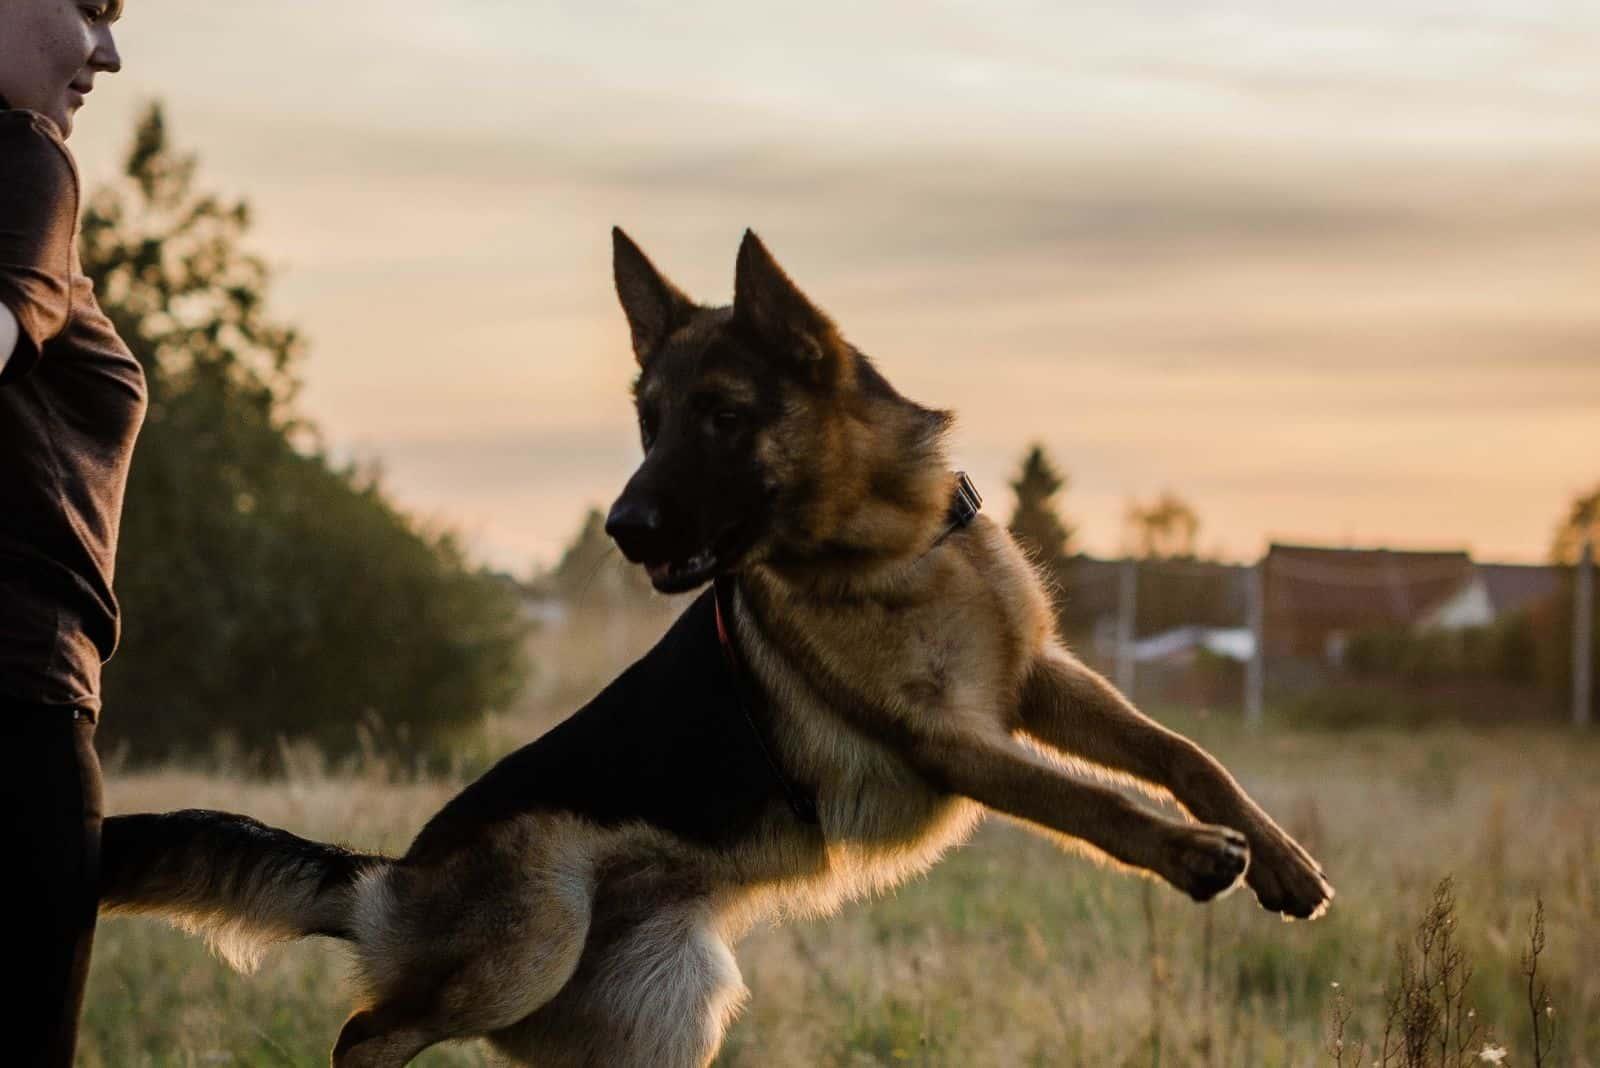 a woman trains a German Shepherd dog